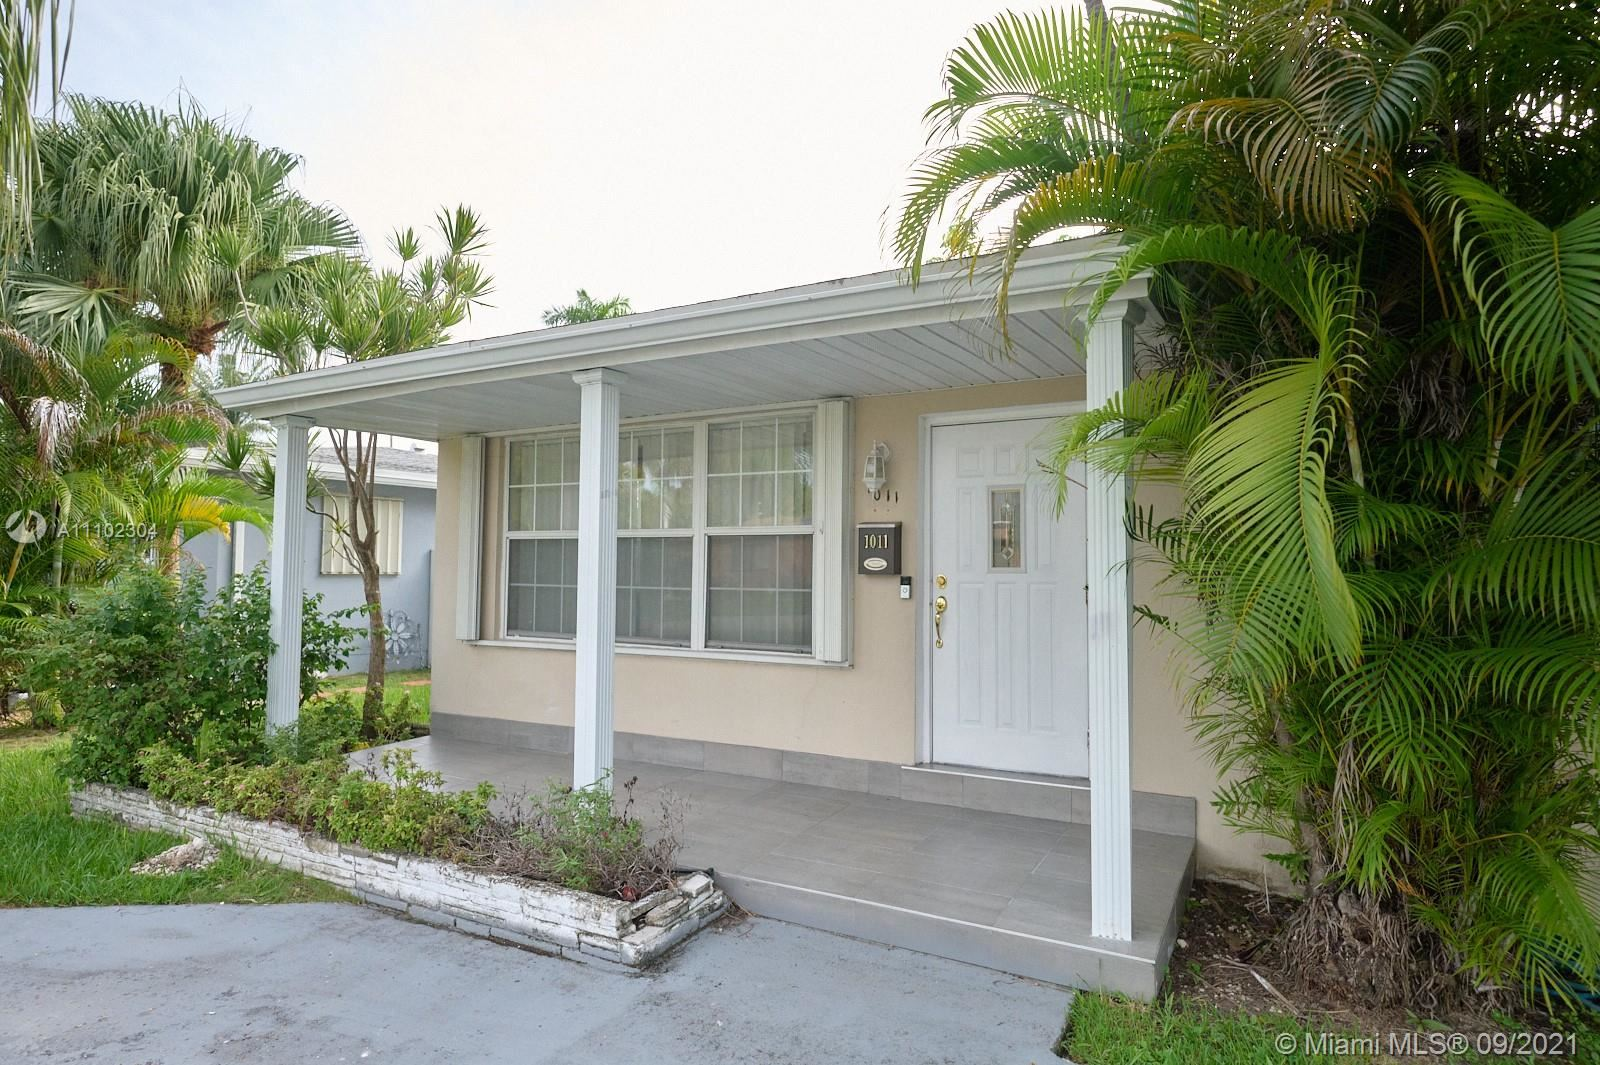 1011 N 14th Ave, Hollywood, FL 33020 - #: A11102304